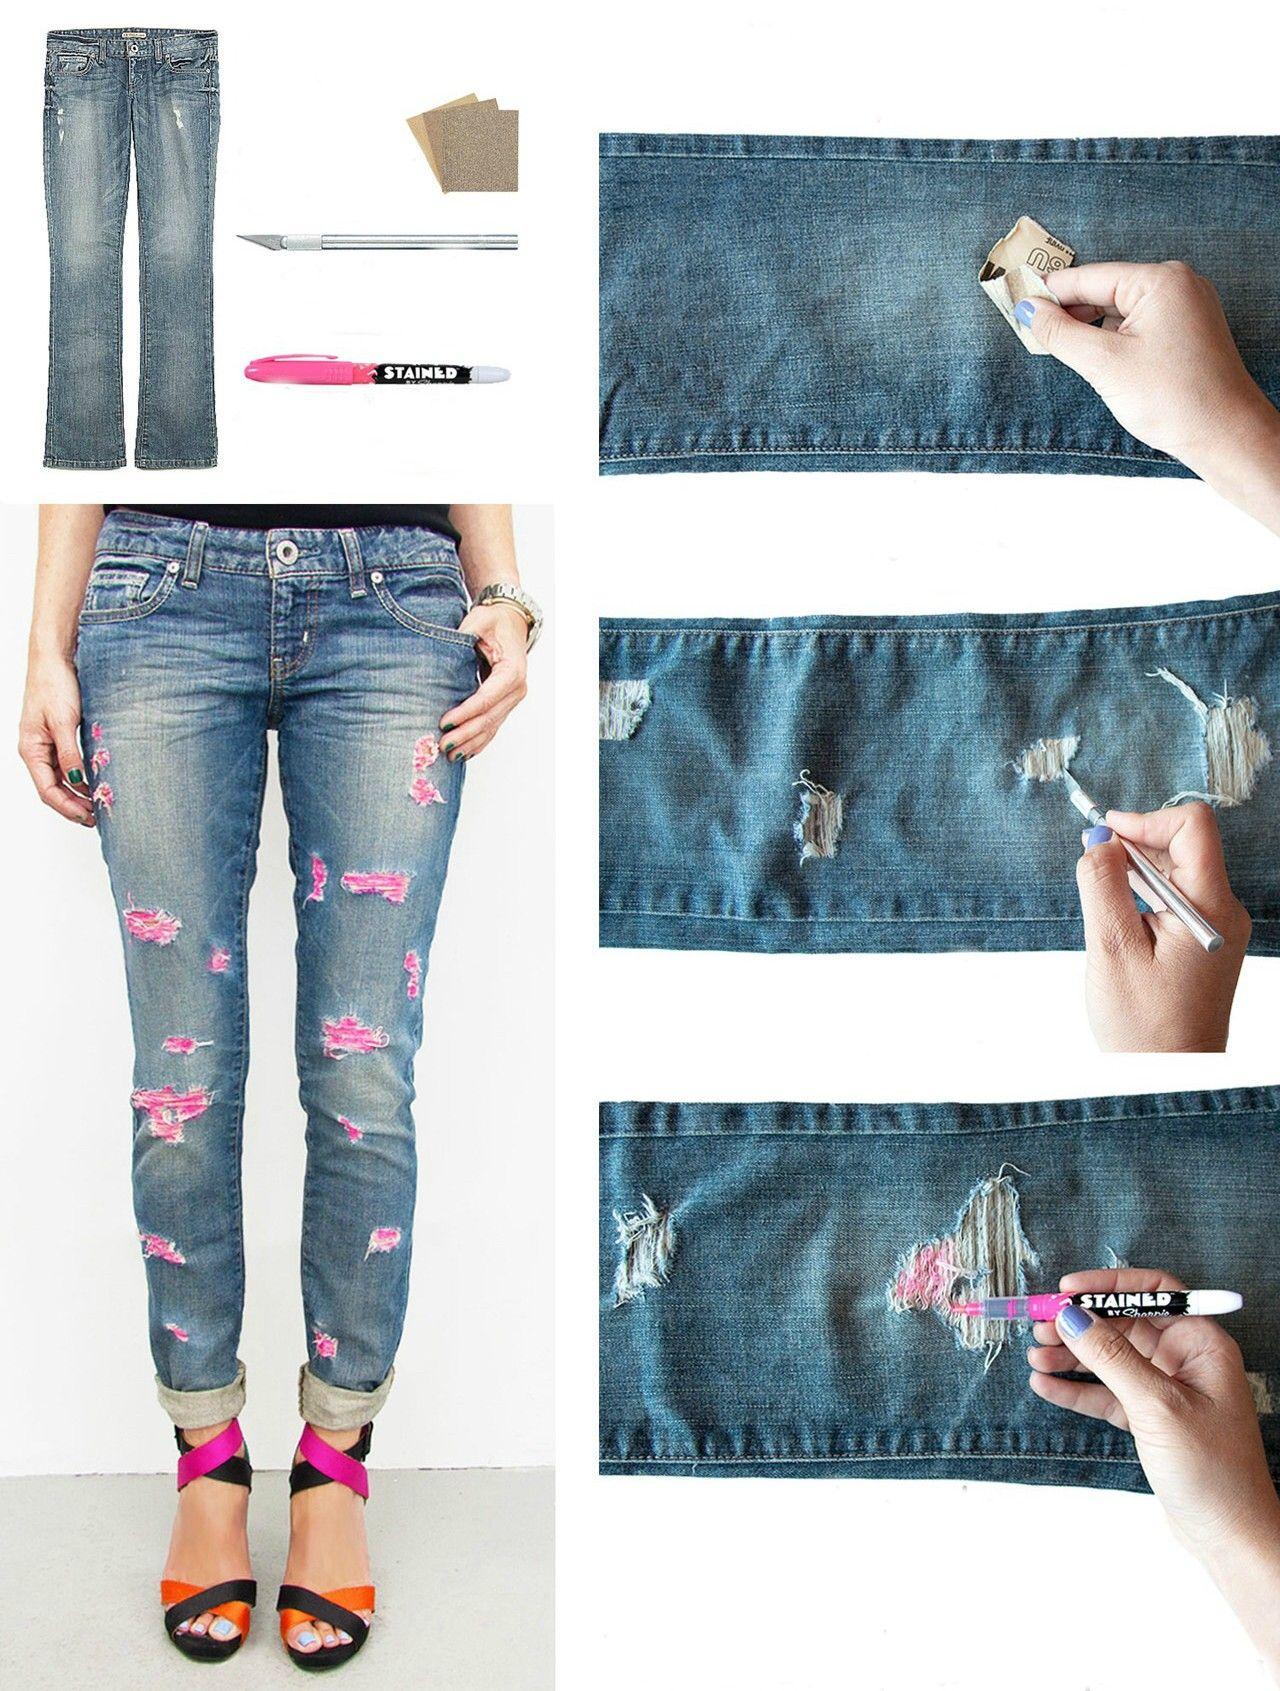 77f672b448 15 Impresionantes maneras de darles un toque especial a tus viejos jeans  favoritos. jeans rotos con colores rosas y plumón sharpie